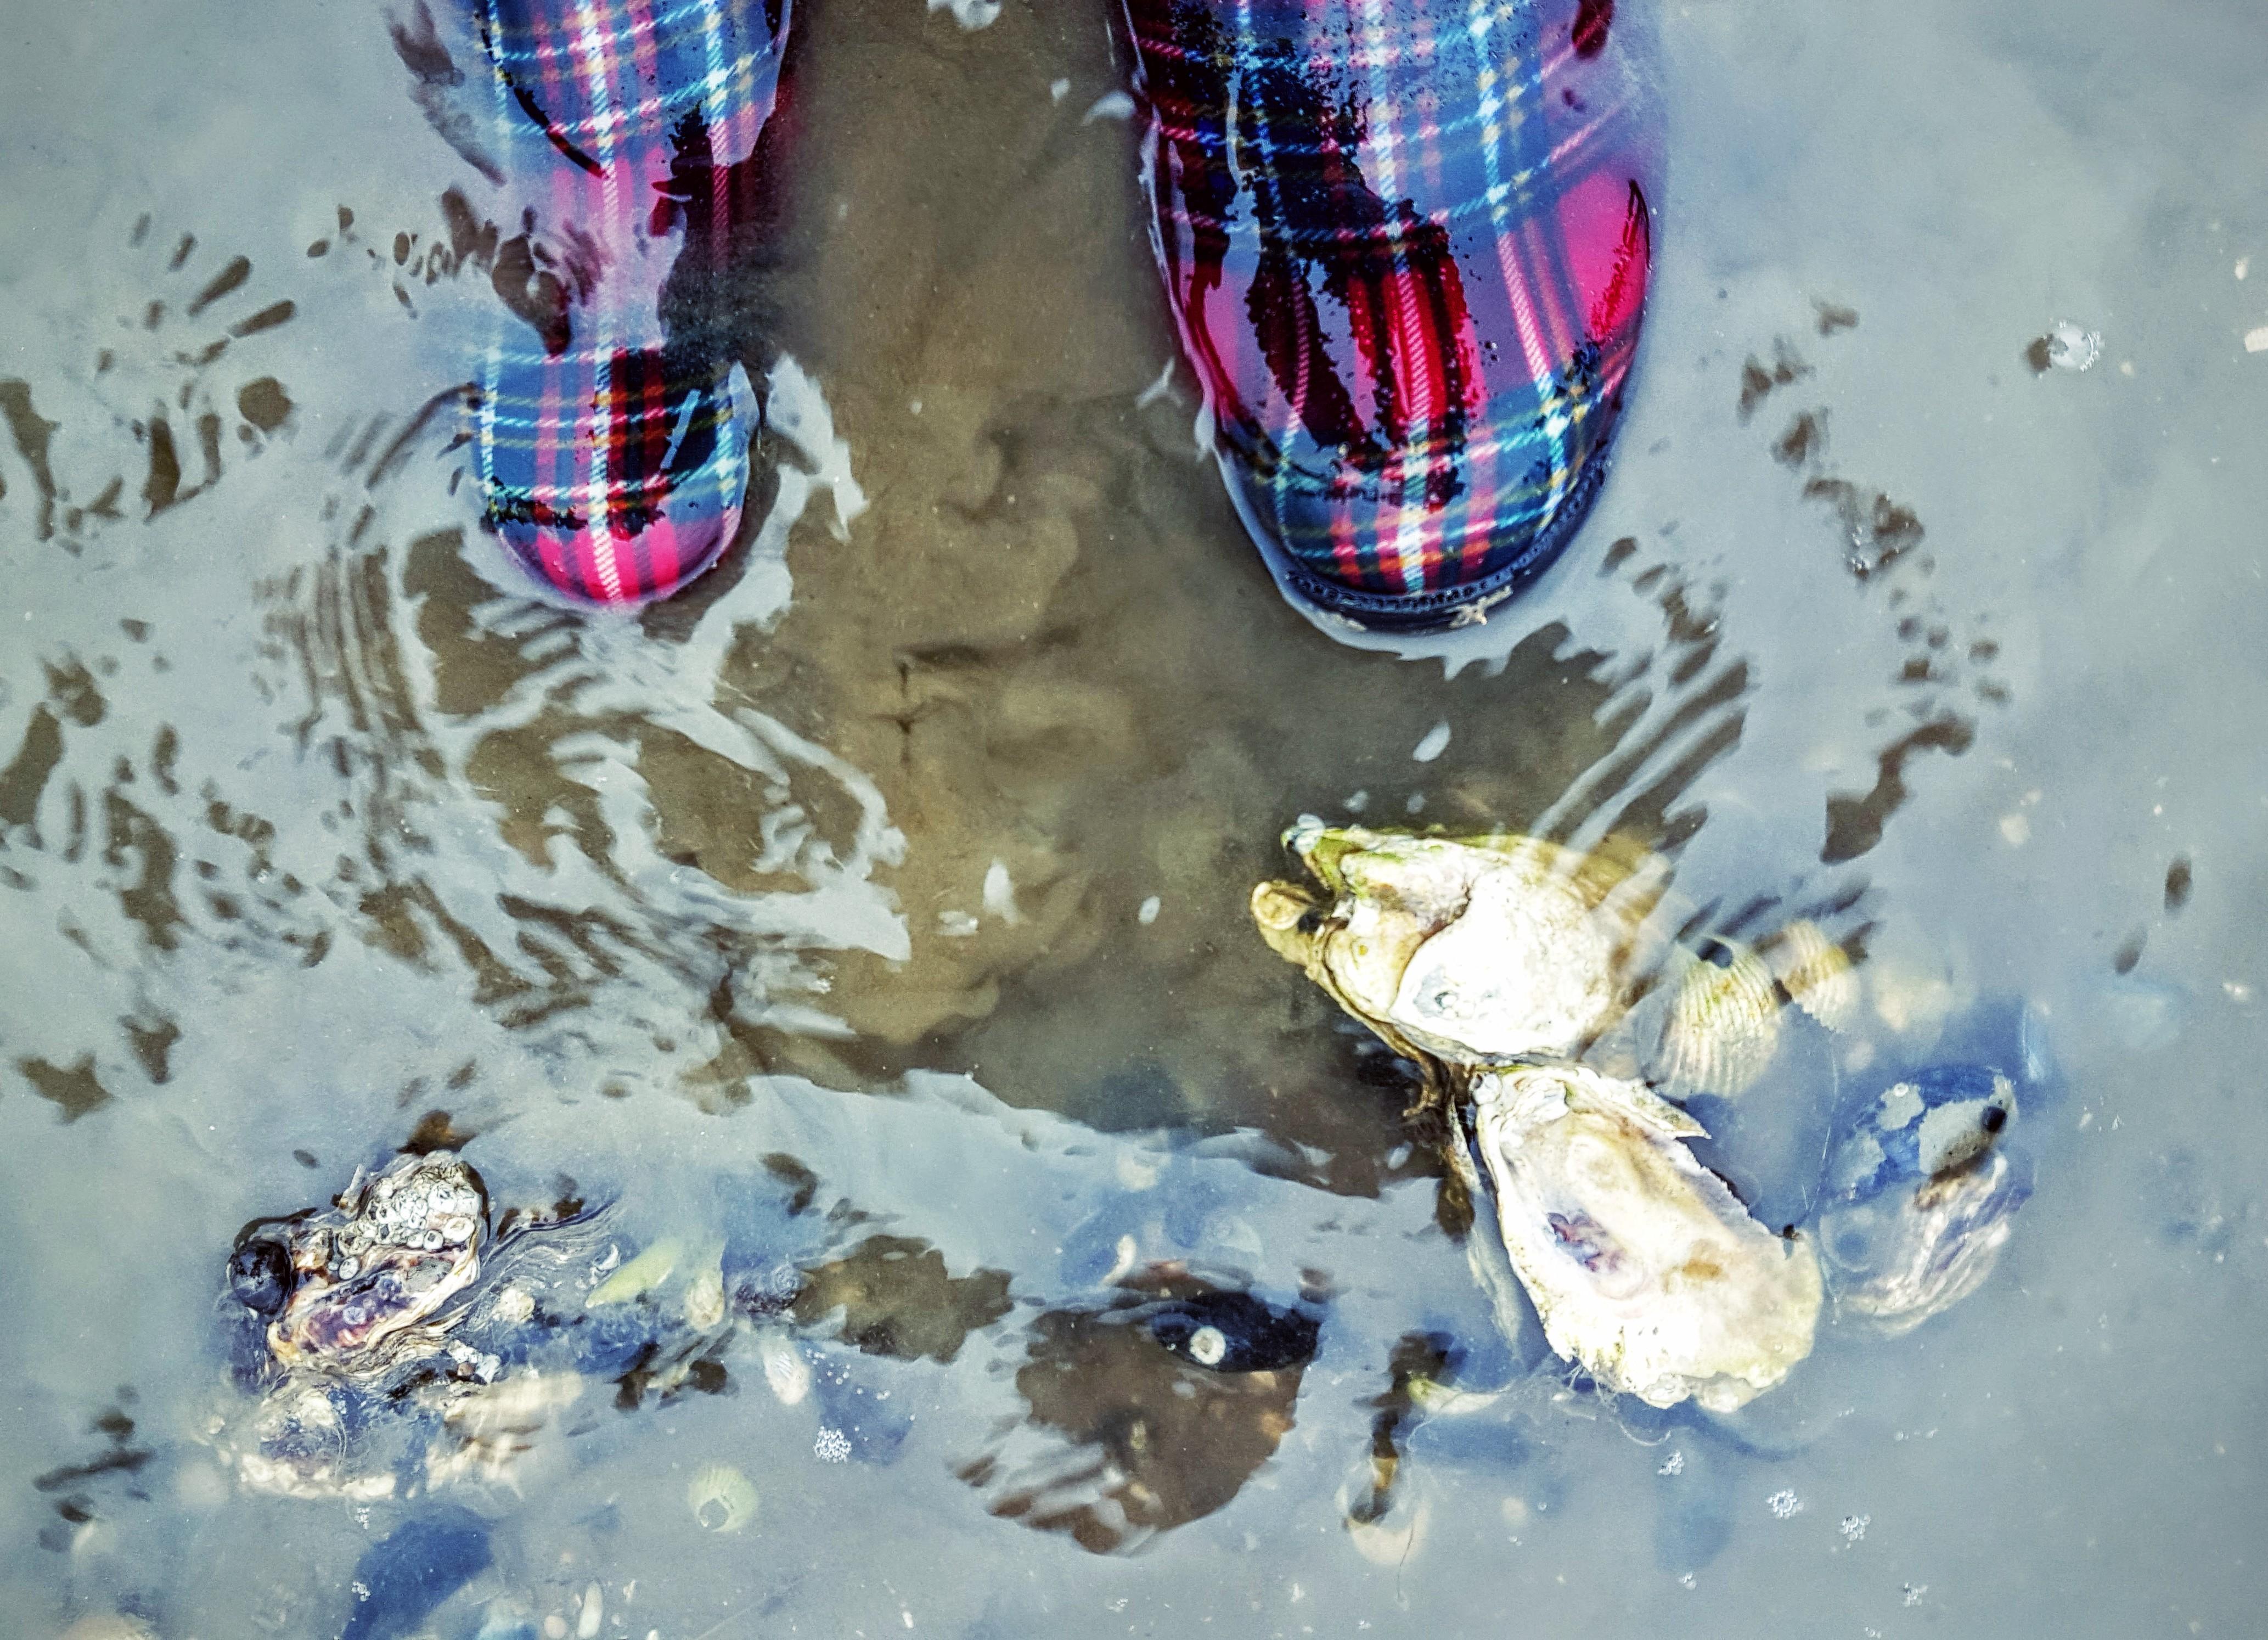 Fanø østers - tartan Tommy Hilfiger gummistøvler